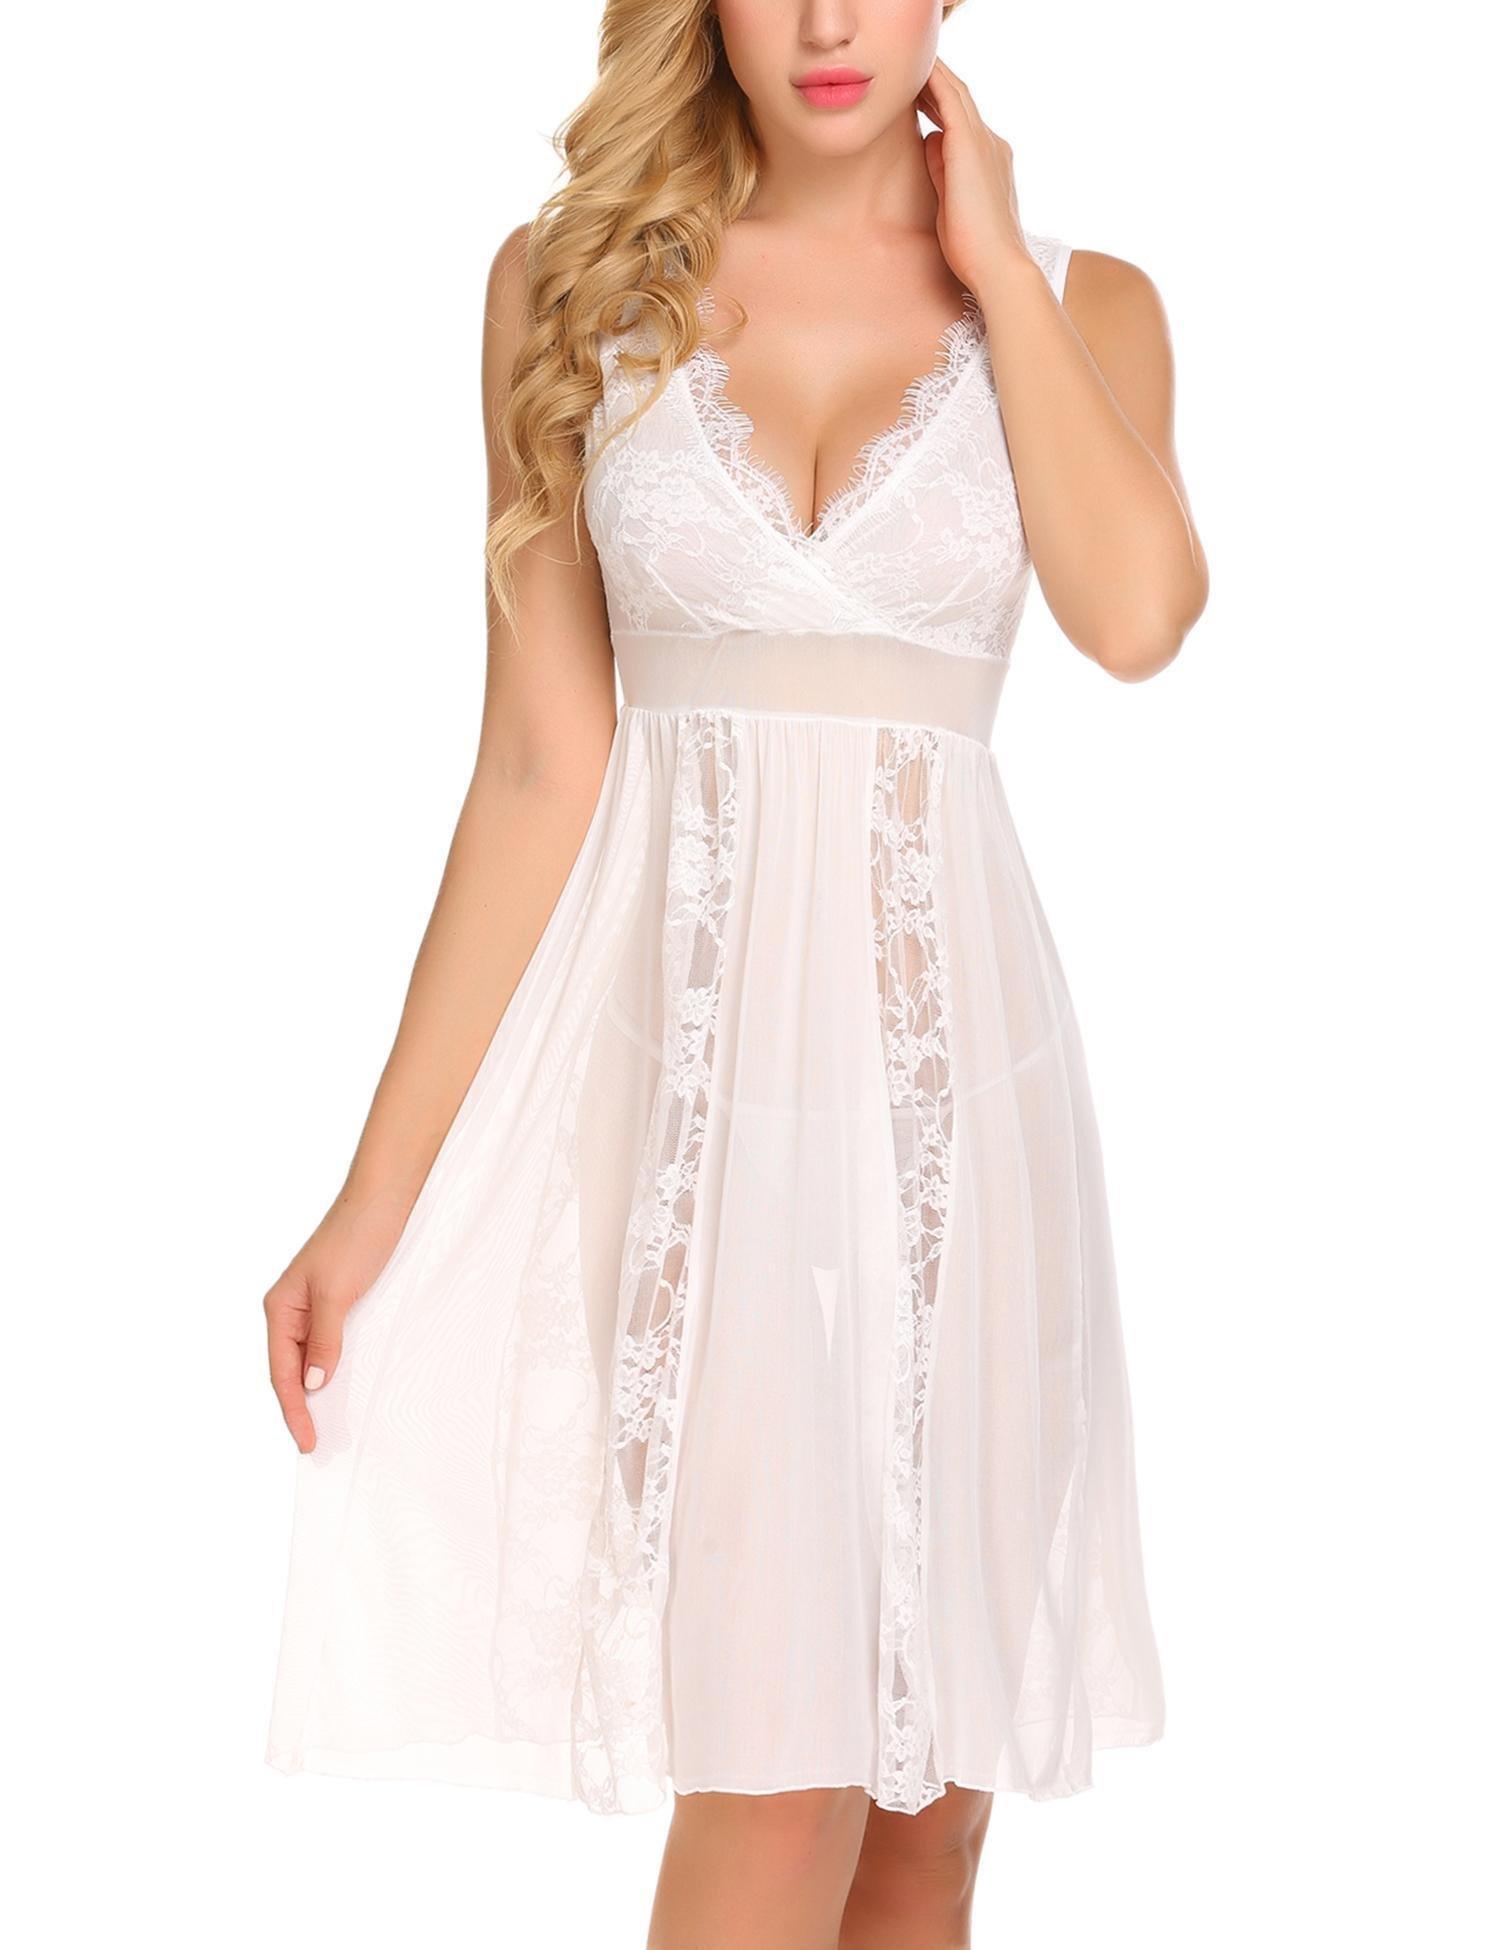 Jiareet Women's Lace Mesh V-neck Lingerie Nightdress Sheer Gown Chemise G-string(White M)